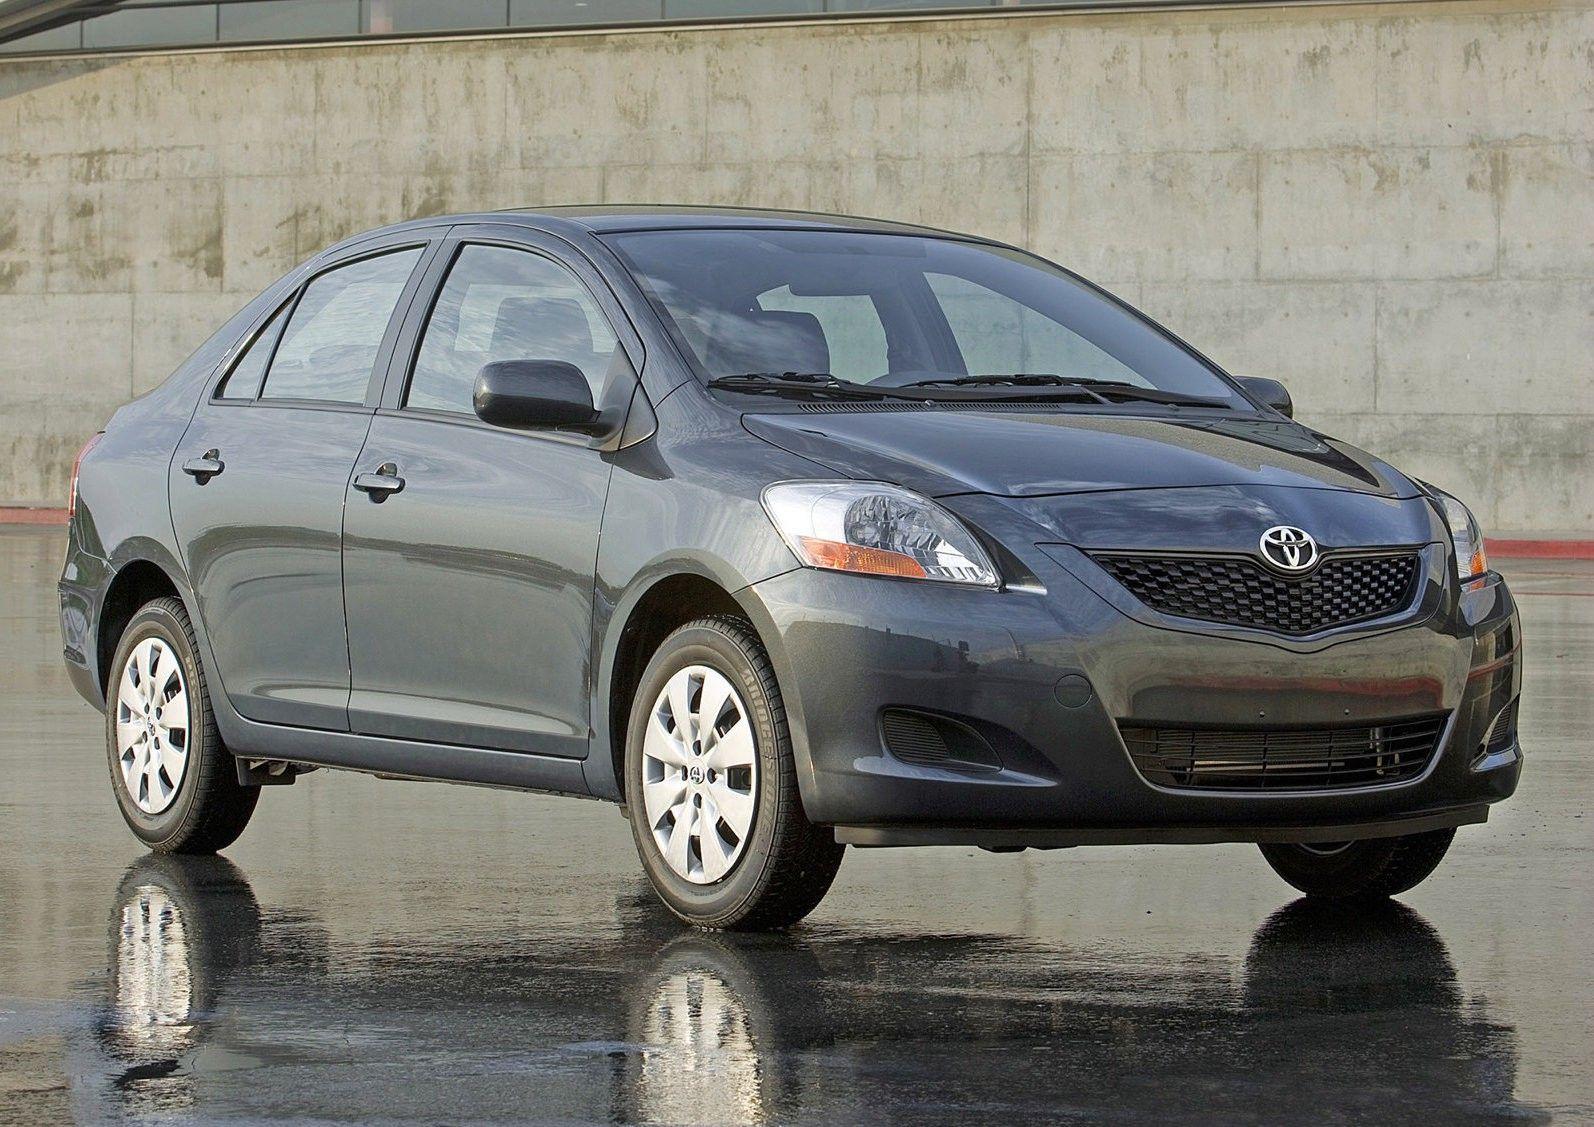 Kelebihan Kekurangan Sedan Toyota Murah Berkualitas